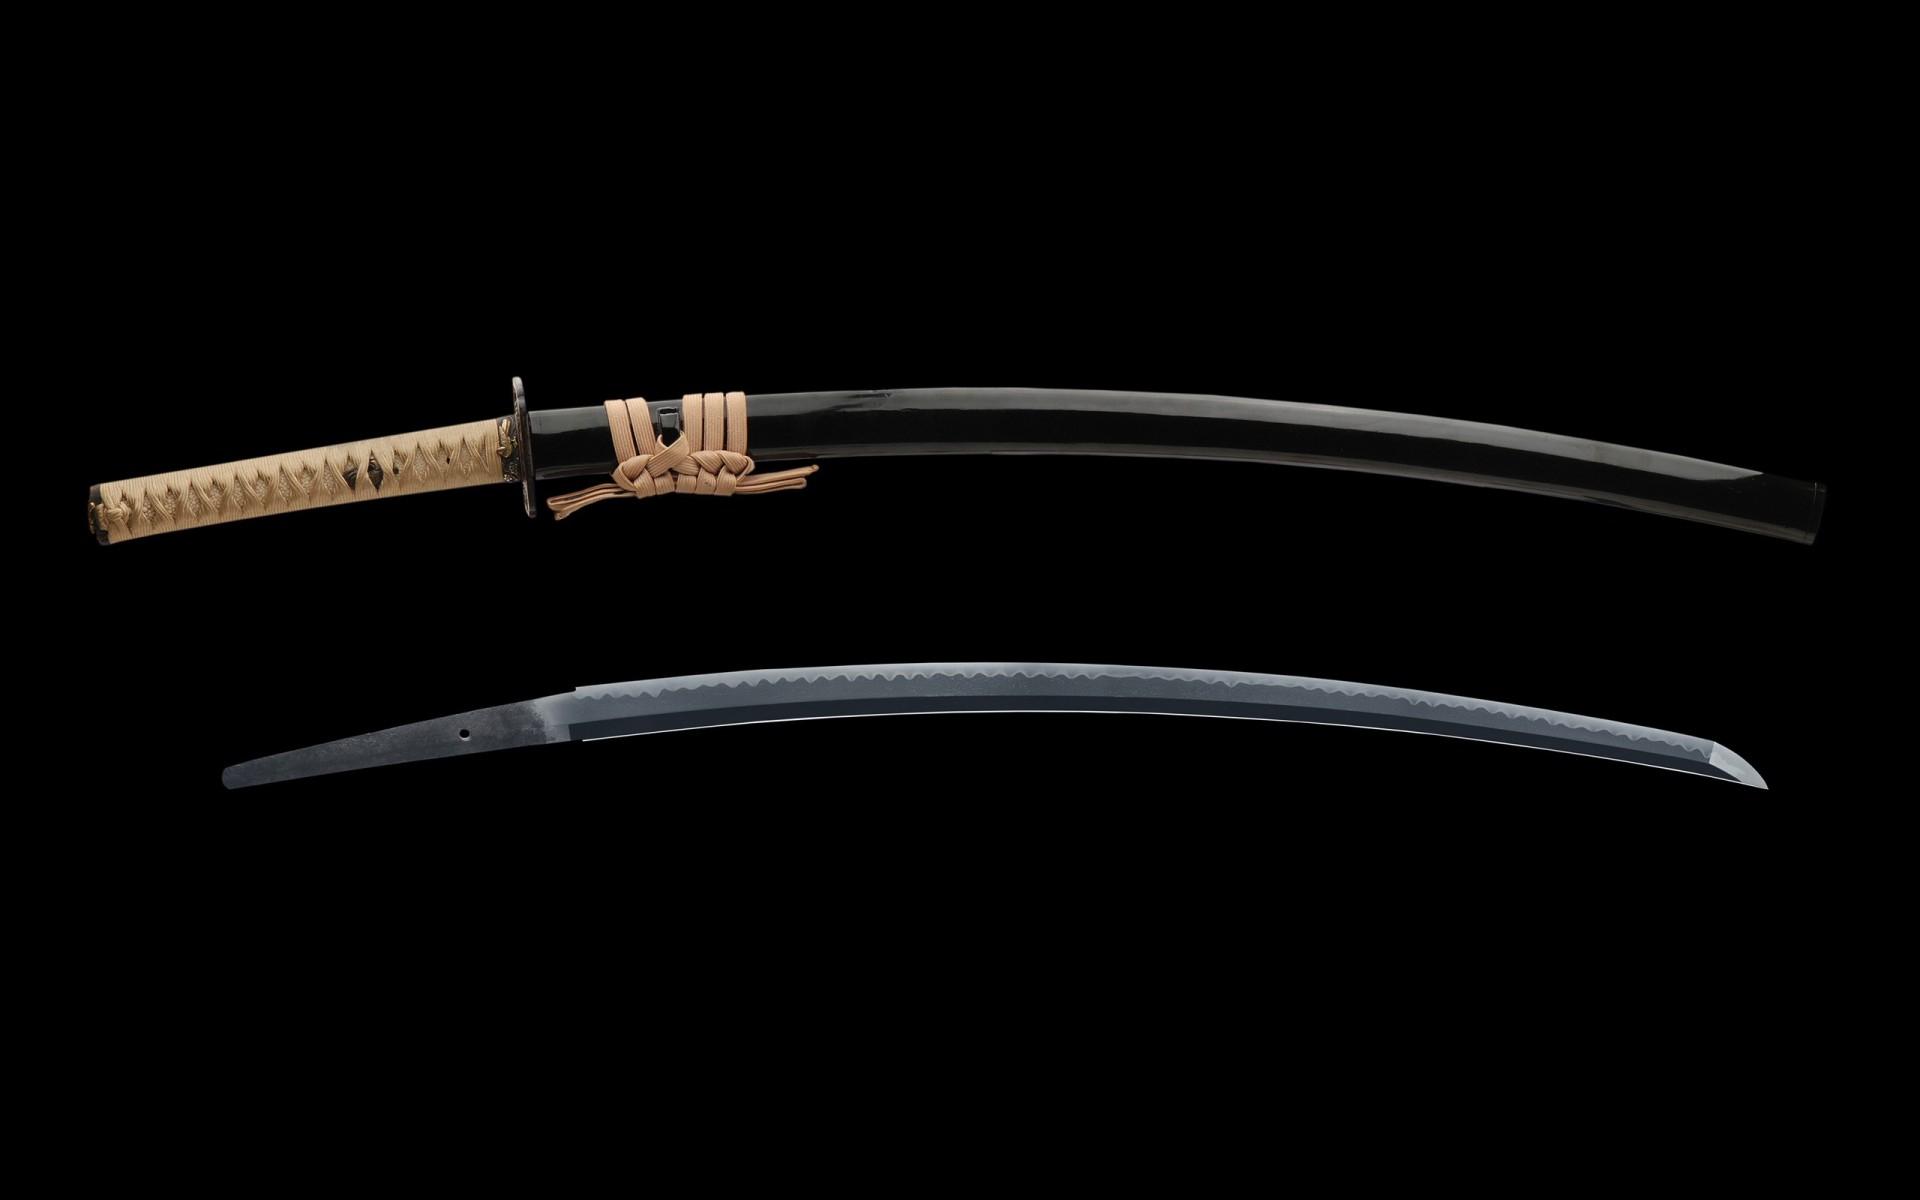 растение картинки мечей и самурайских катан кафе умеренную